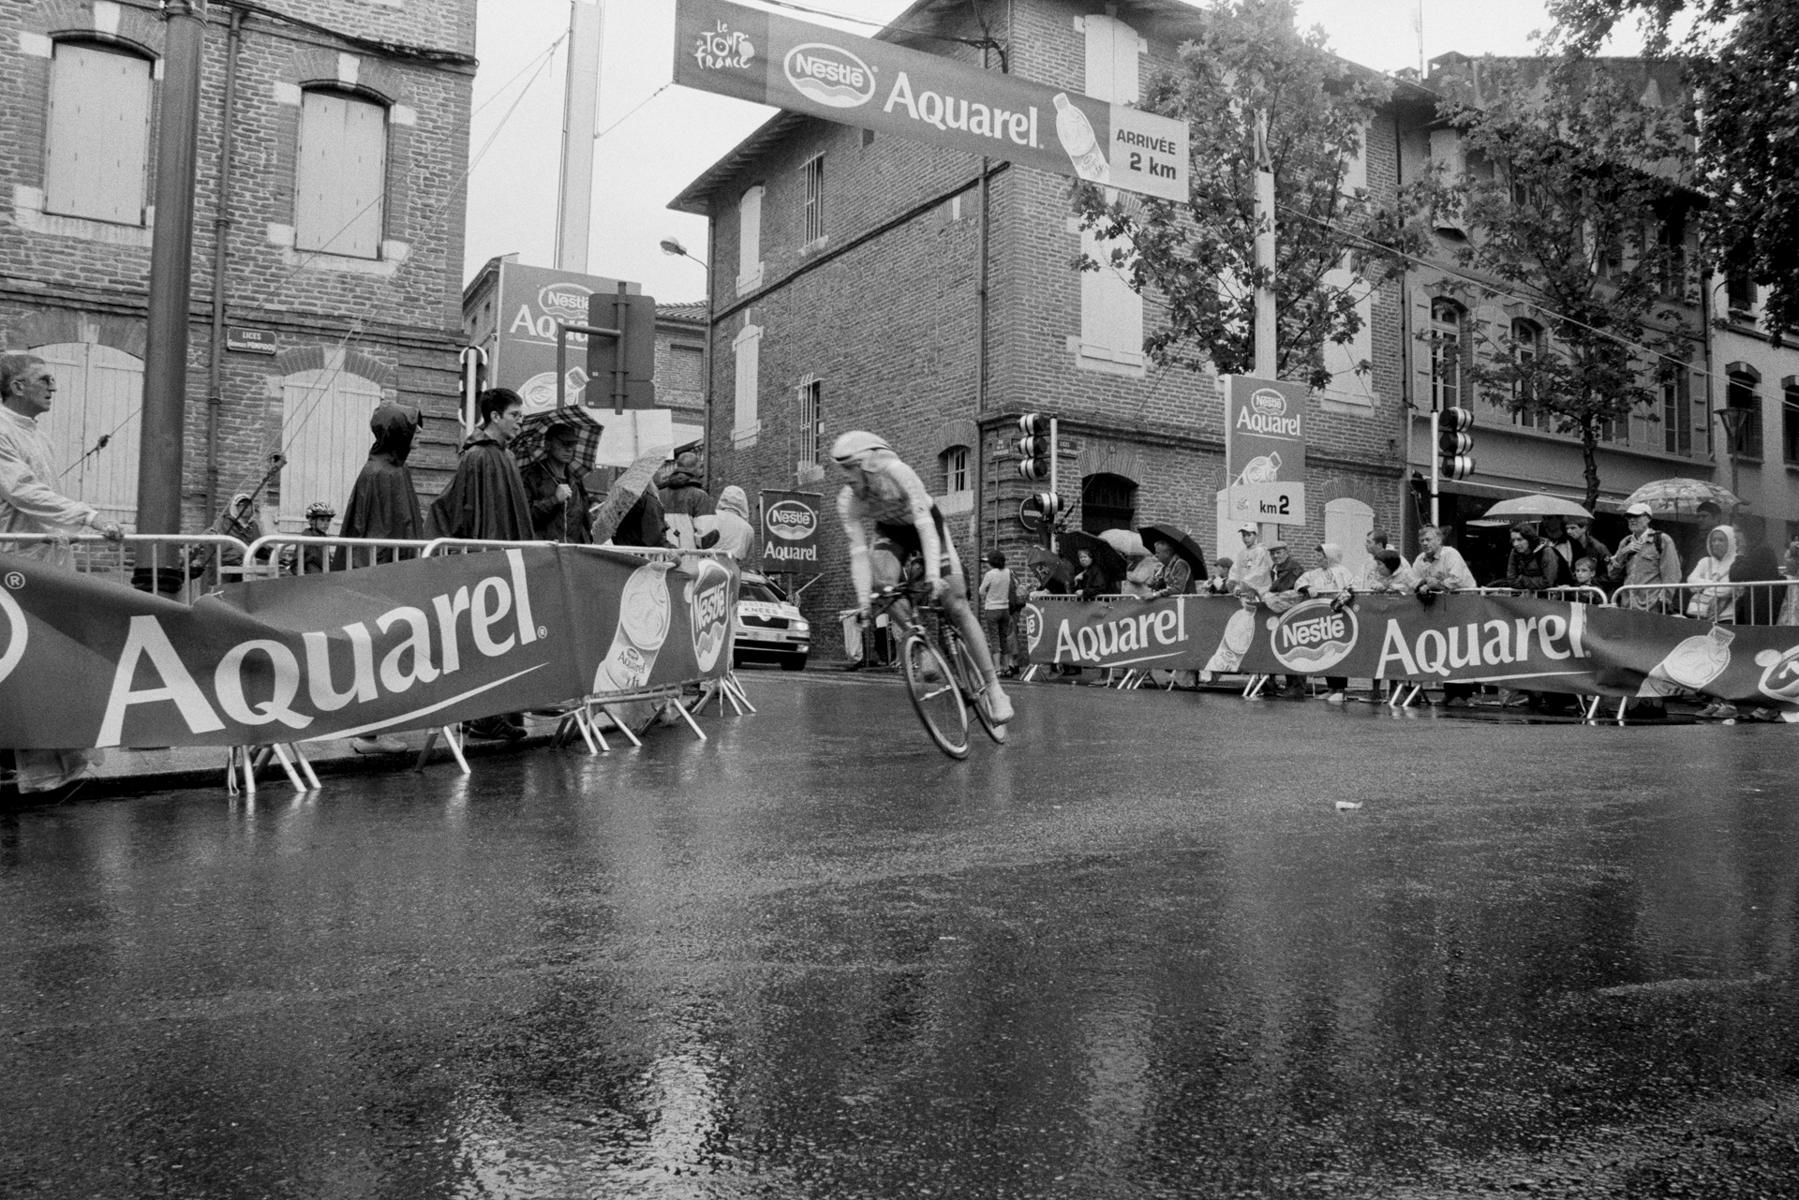 Le Tour de France 2007 When it rains the cyclists have to slow down before the curve - enabling the fans a closer look. Quand il pleut, les coureurs doivent ralentir avant d'aborder les virages, les spectateurs n'en ont que plus de temps pour apprécier leurs favoris. Bei Regen müssen die Fahrer vor der Kurve stark abbremsen – was dem Fan einen genaueren Blick ermöglicht. Cuando llueve los deportistas tienen que frenar antes de la curva, lo cual permite a los admiradores una mirada más cercana.